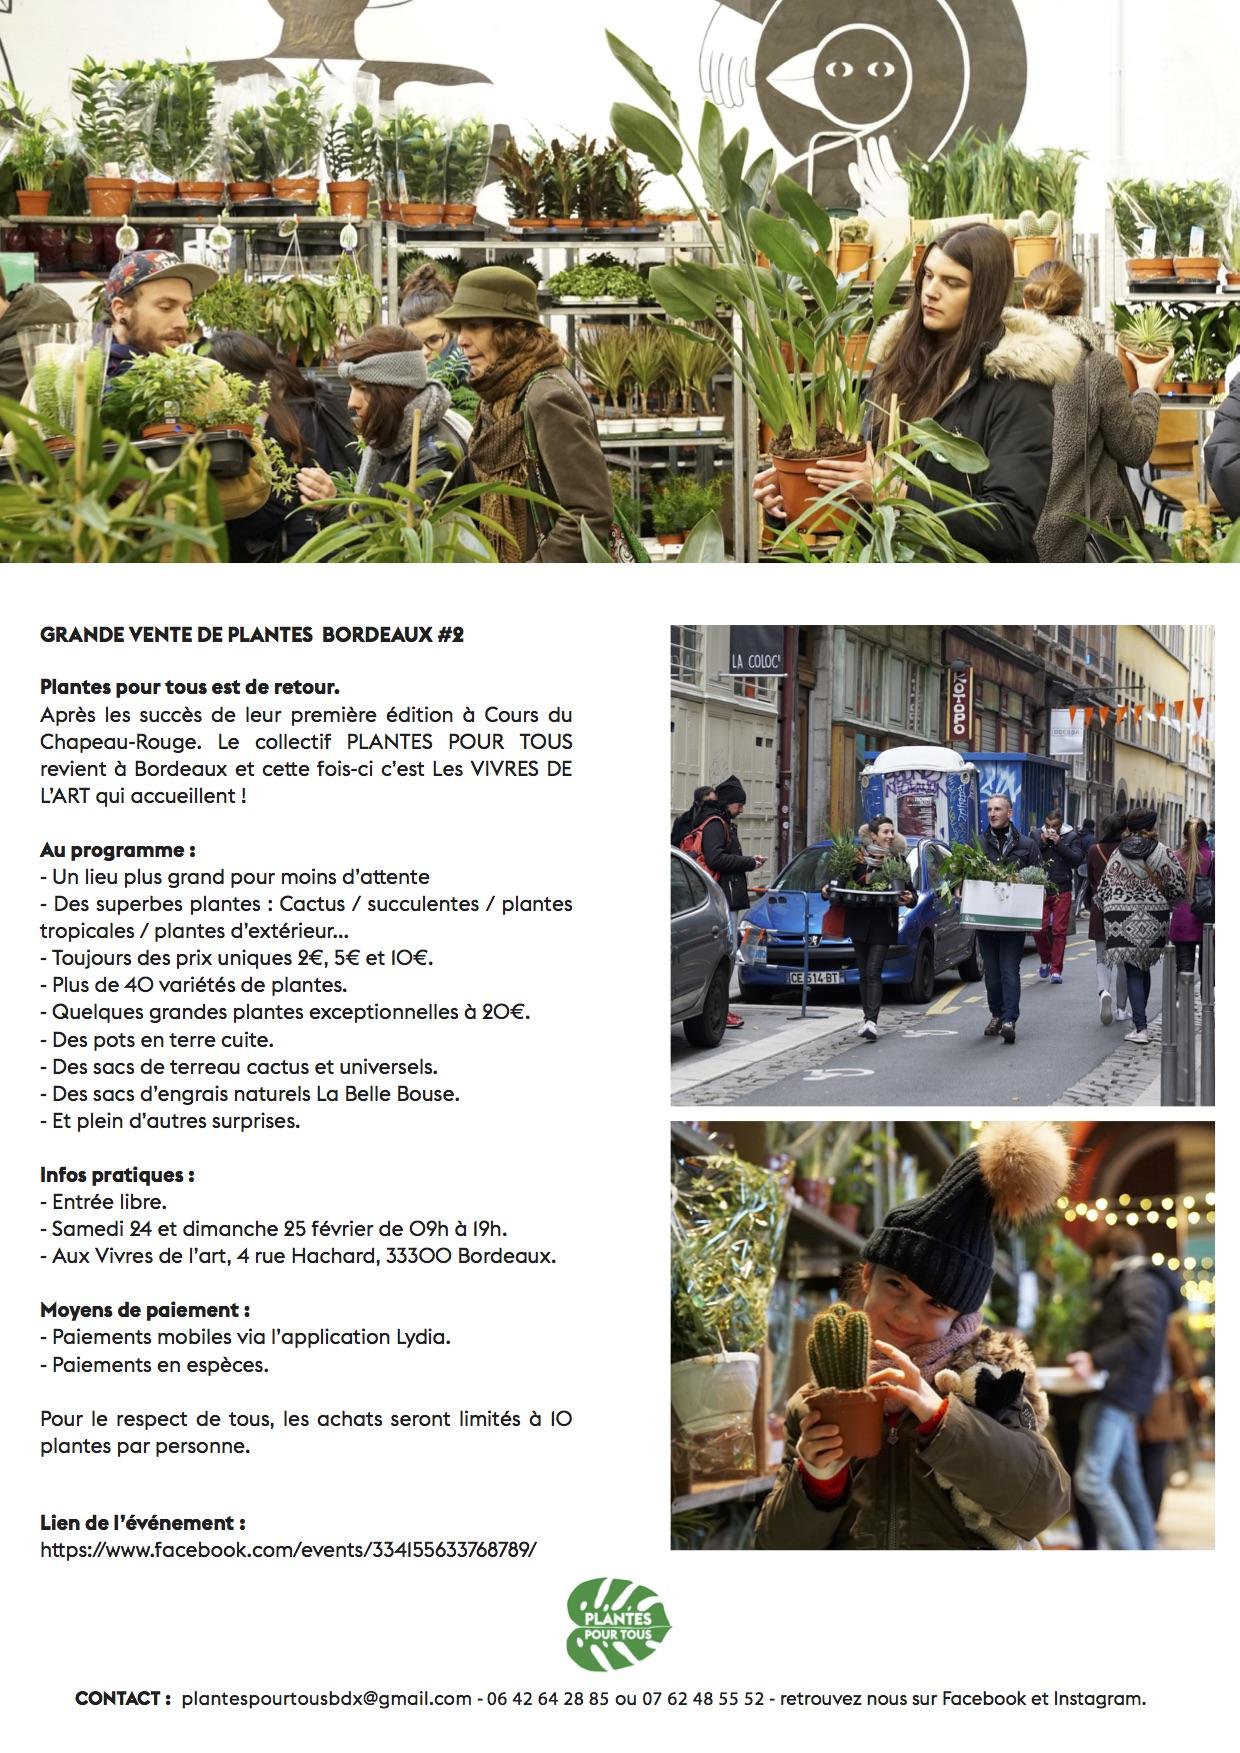 Plantes pour tous bordeaux 2 24 25 02 club presse for Plante pour tous